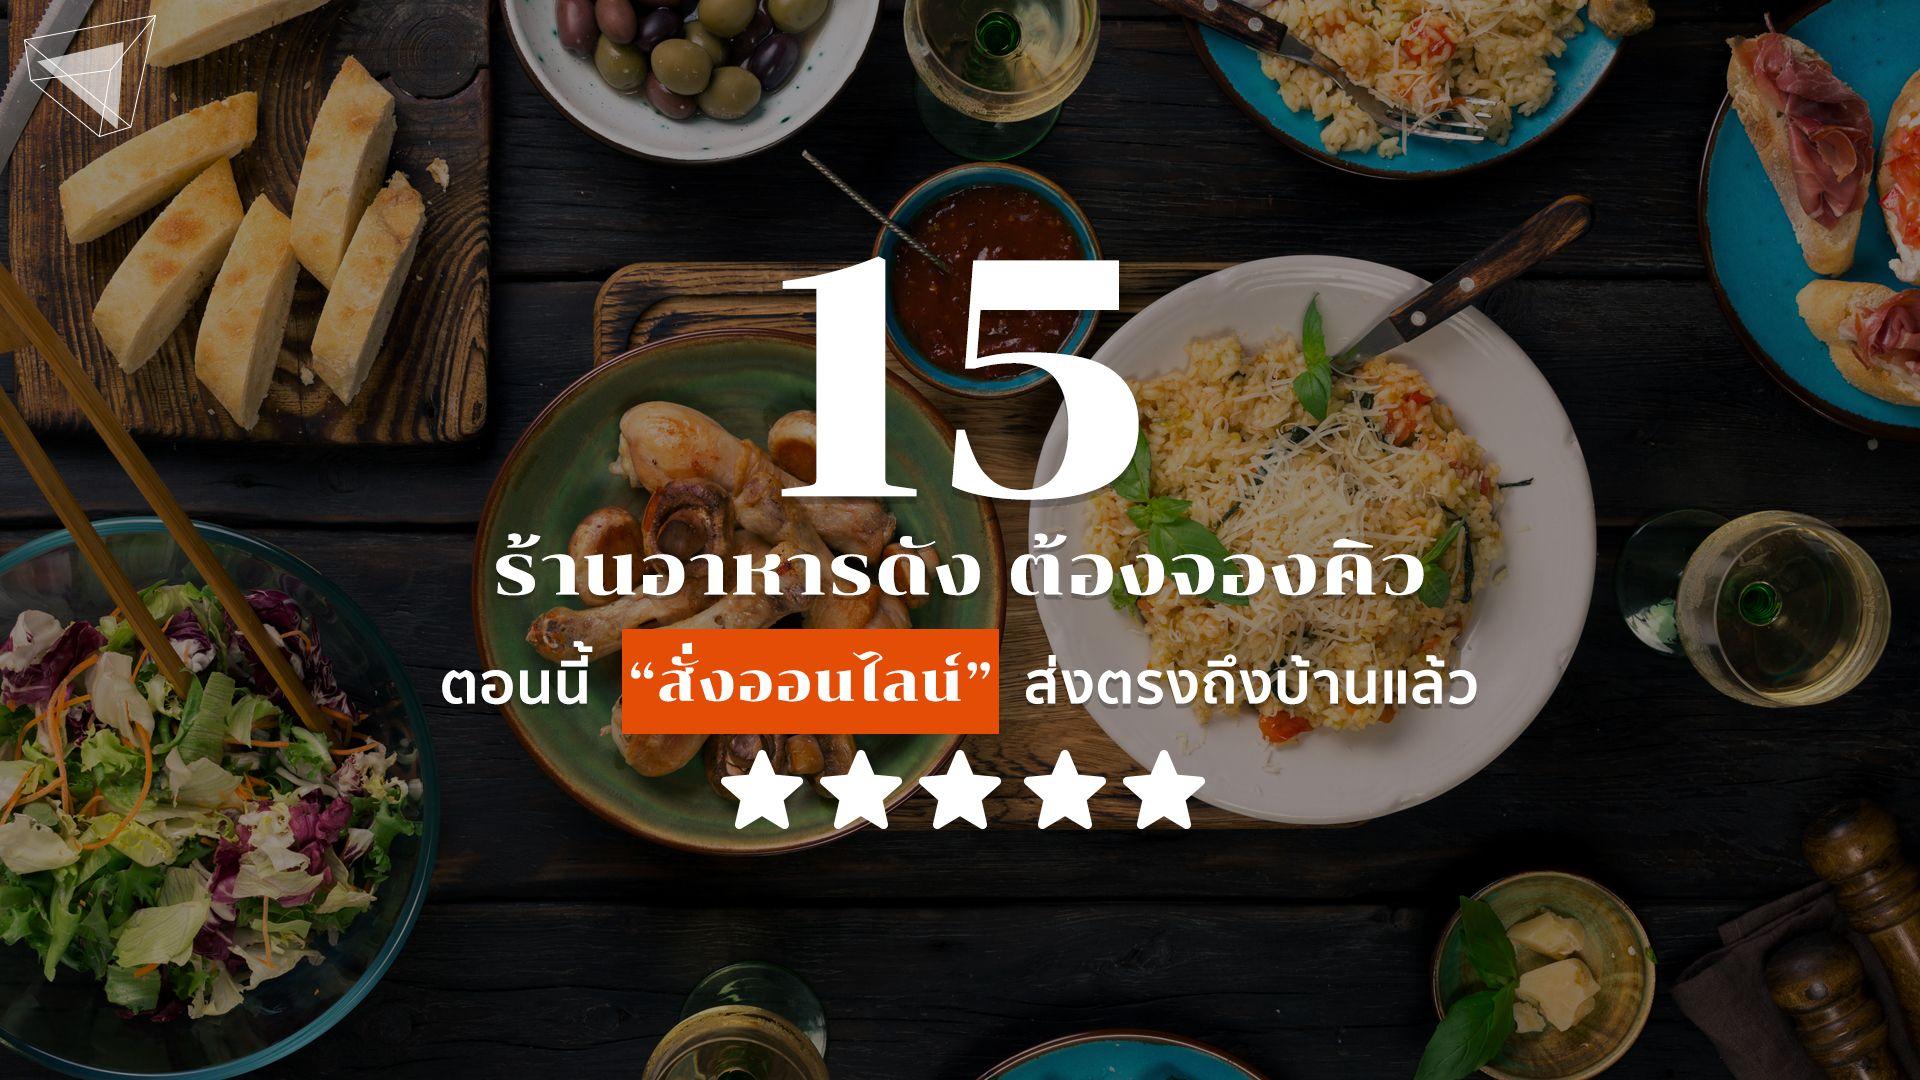 15 ร้านสั่งอาหารออนไลน์